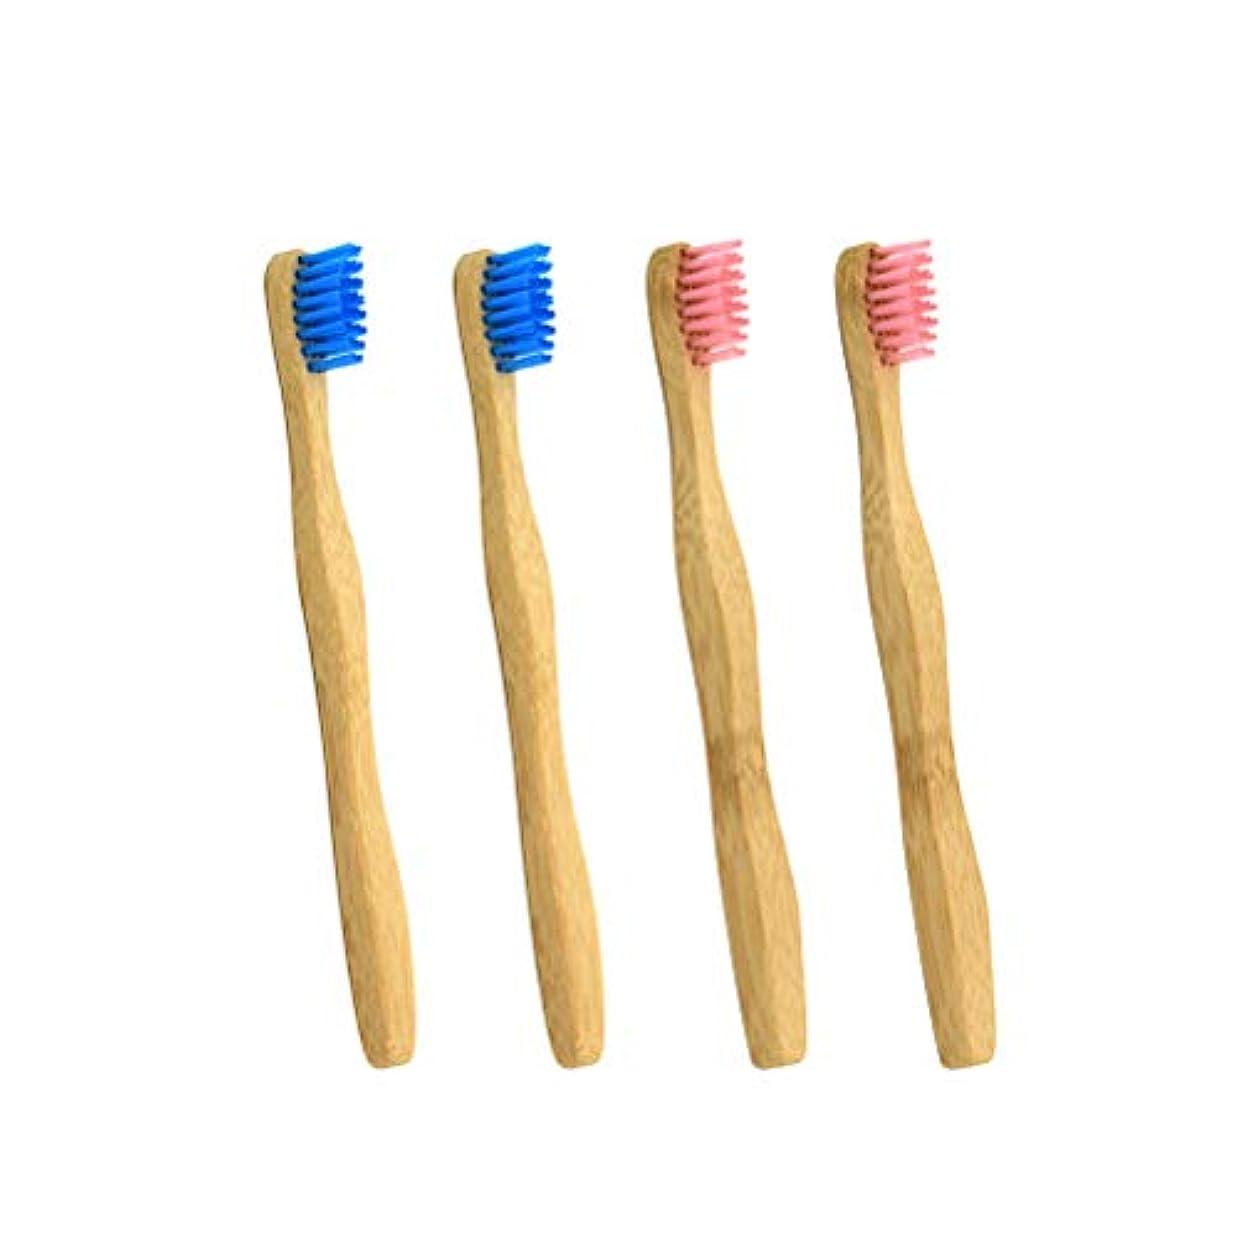 国勢調査突き刺す嫌なHealifty 歯ブラシ抗細菌キッズ歯ブラシ4本(ピンクとブルー各2本)